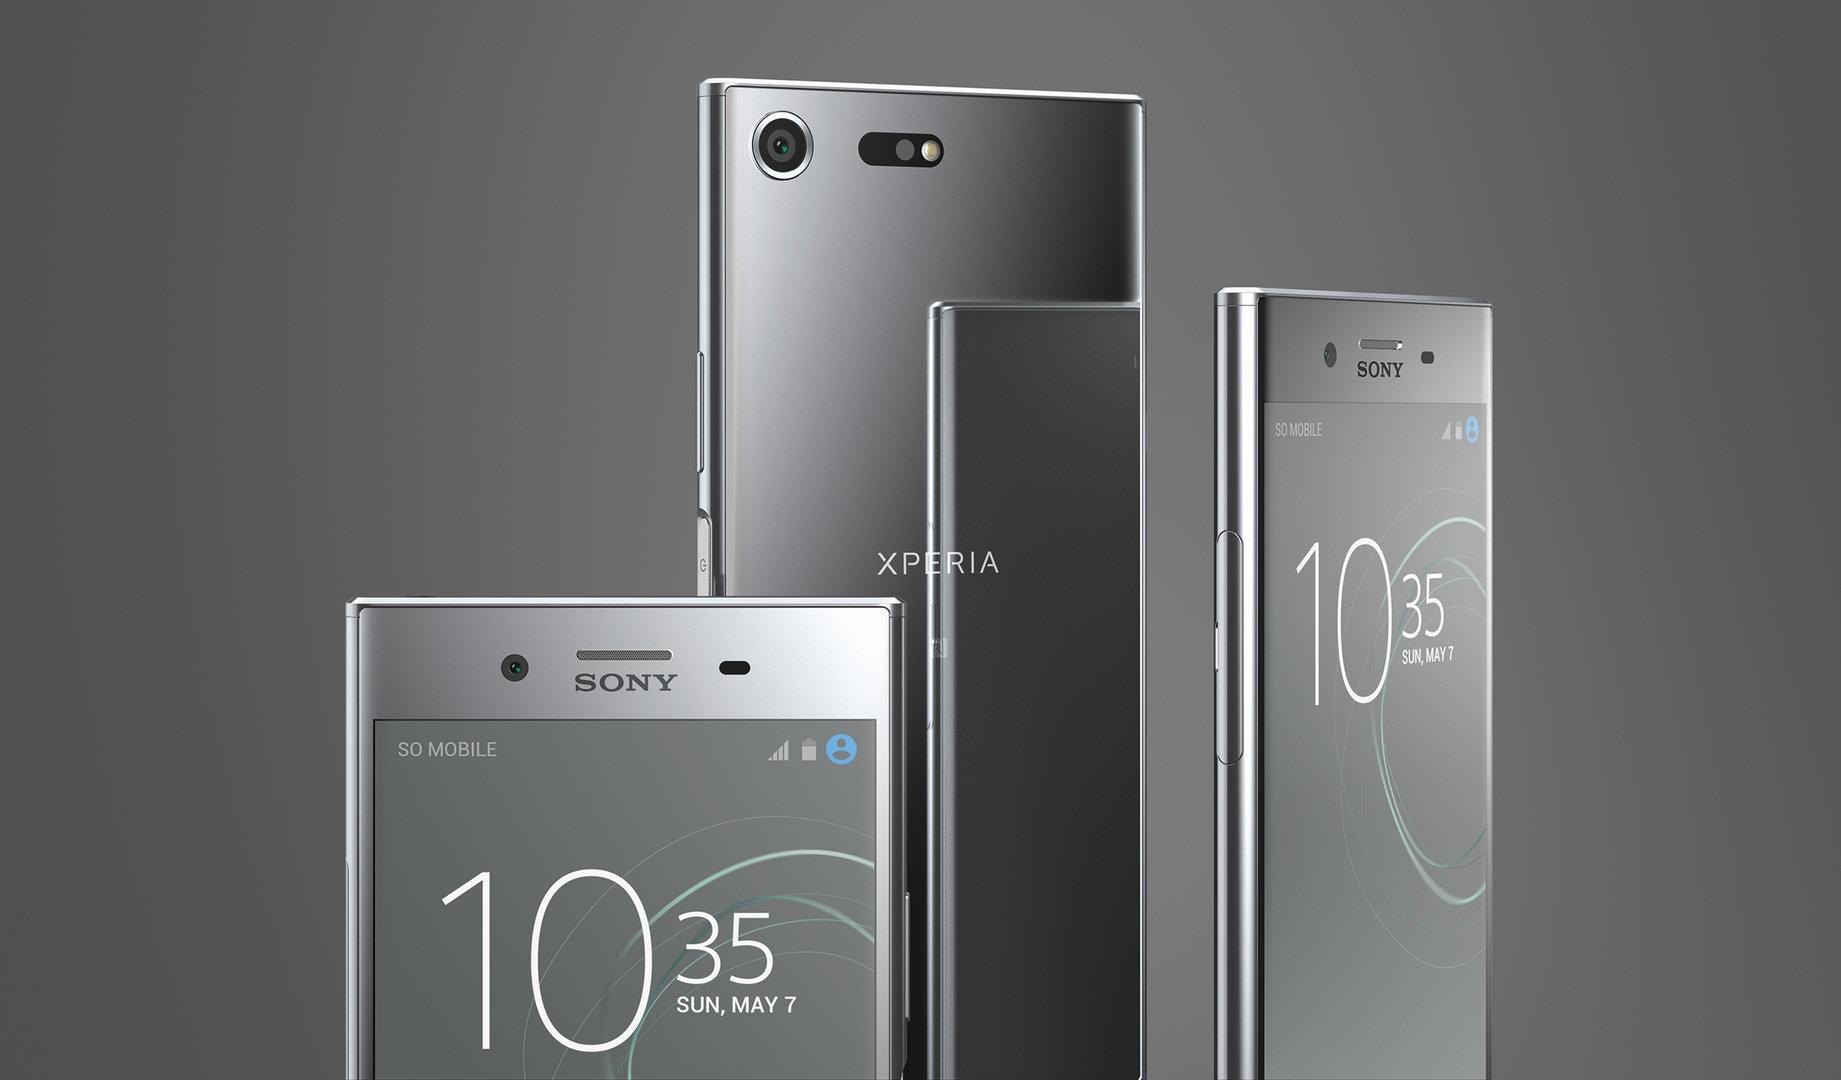 Sony Xperia XZ Premium in Chrom